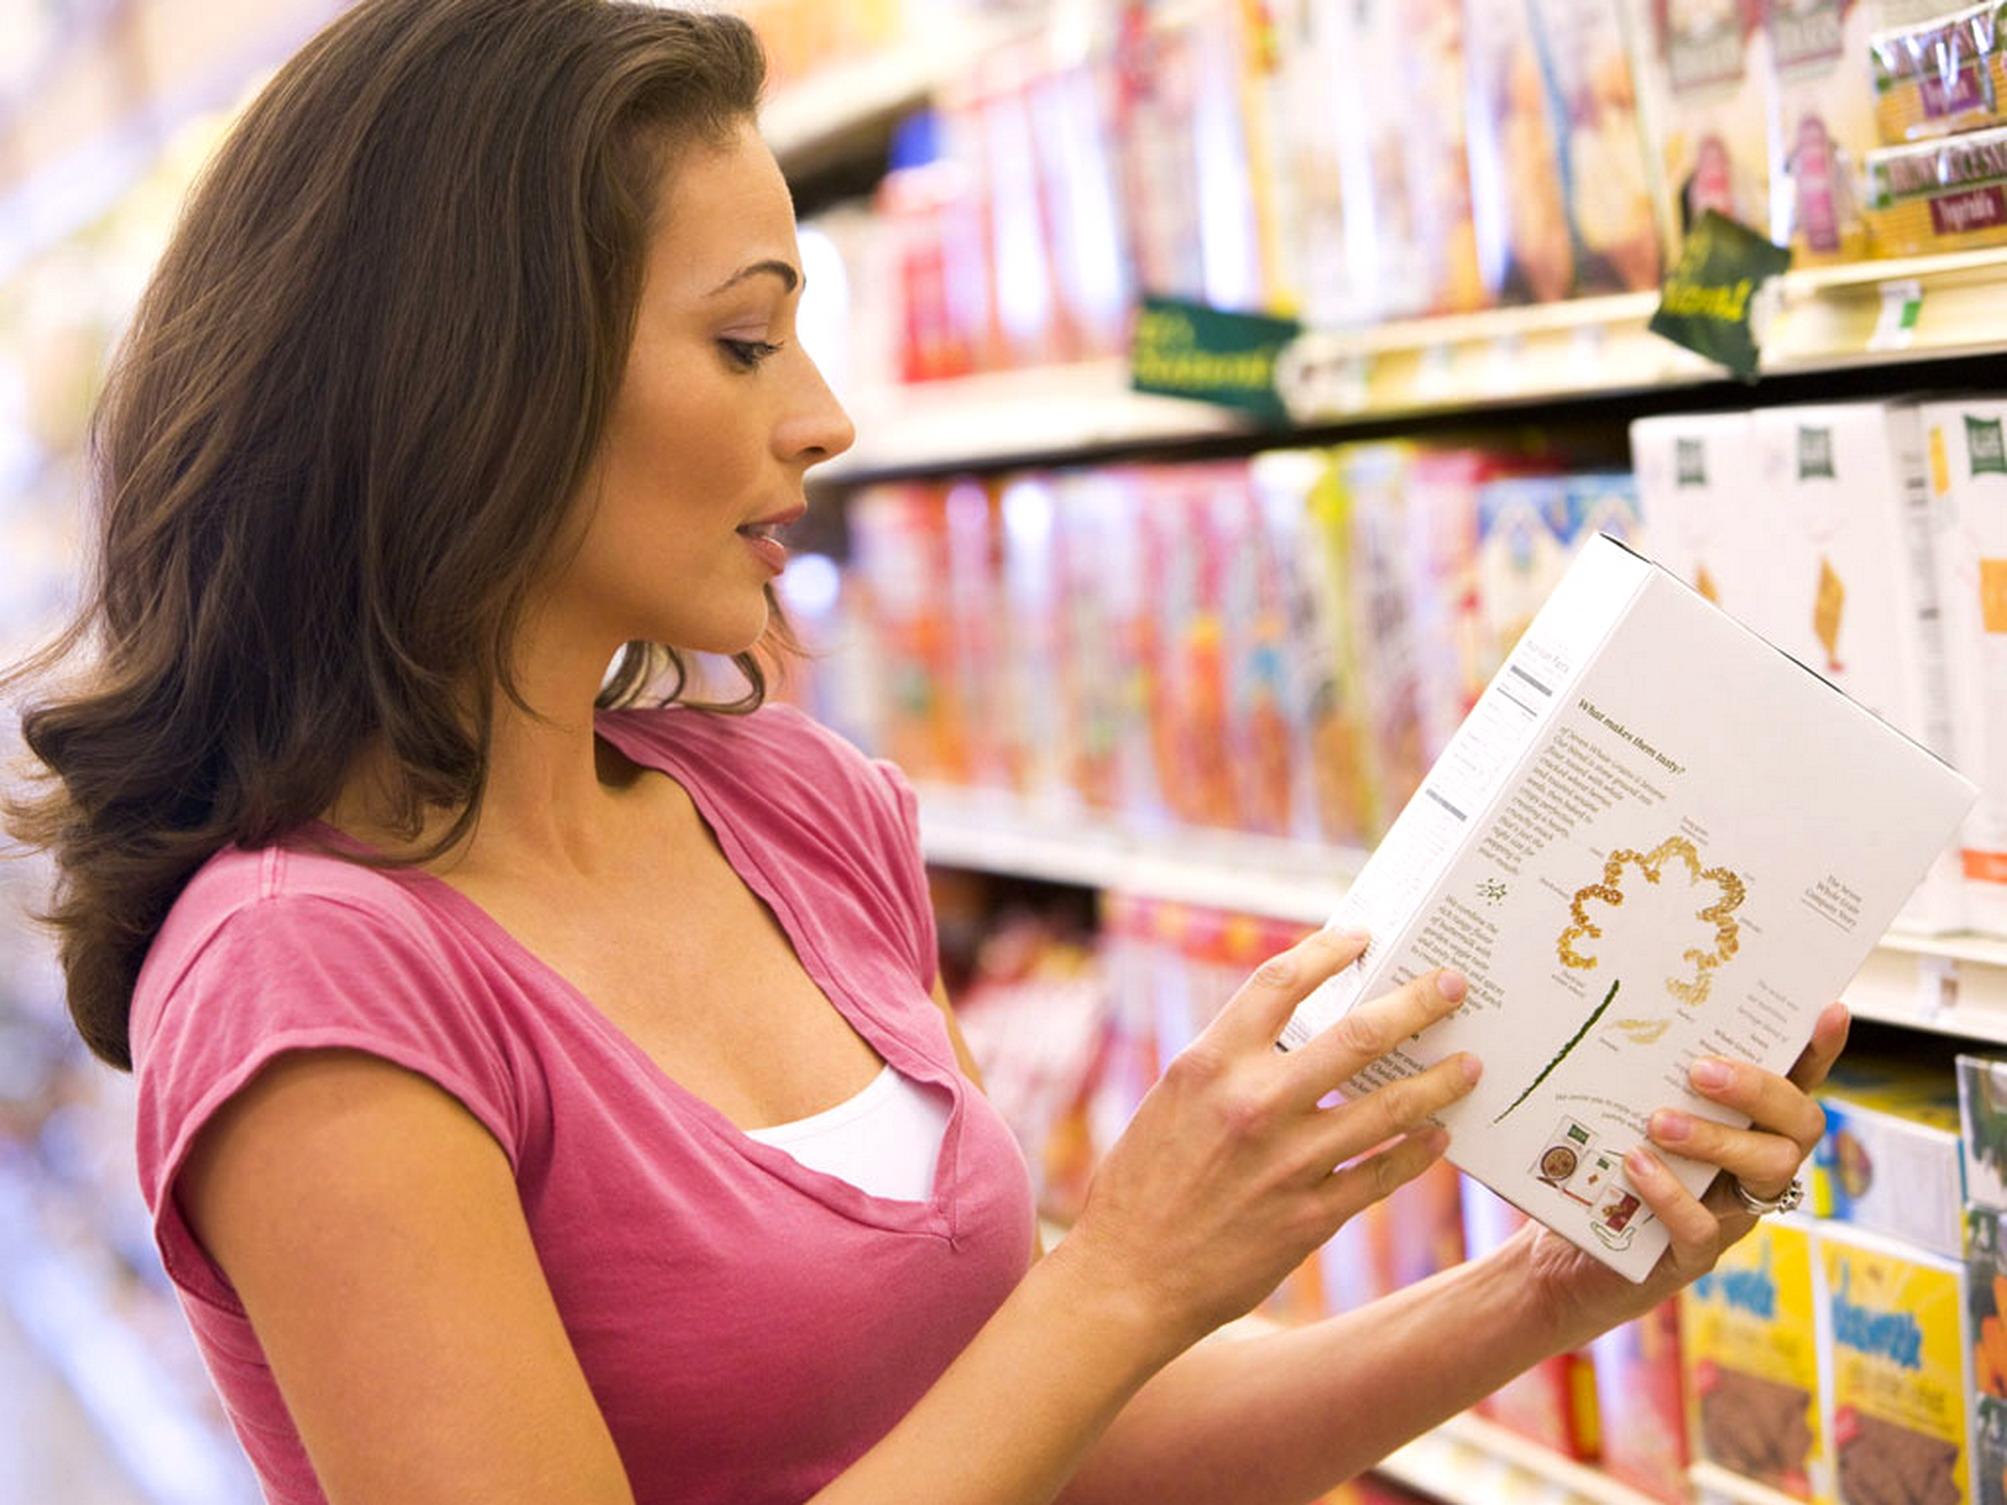 """Dieta, attenti a etichette """"light"""", """"senza"""" o """"a basso contenuto di"""""""